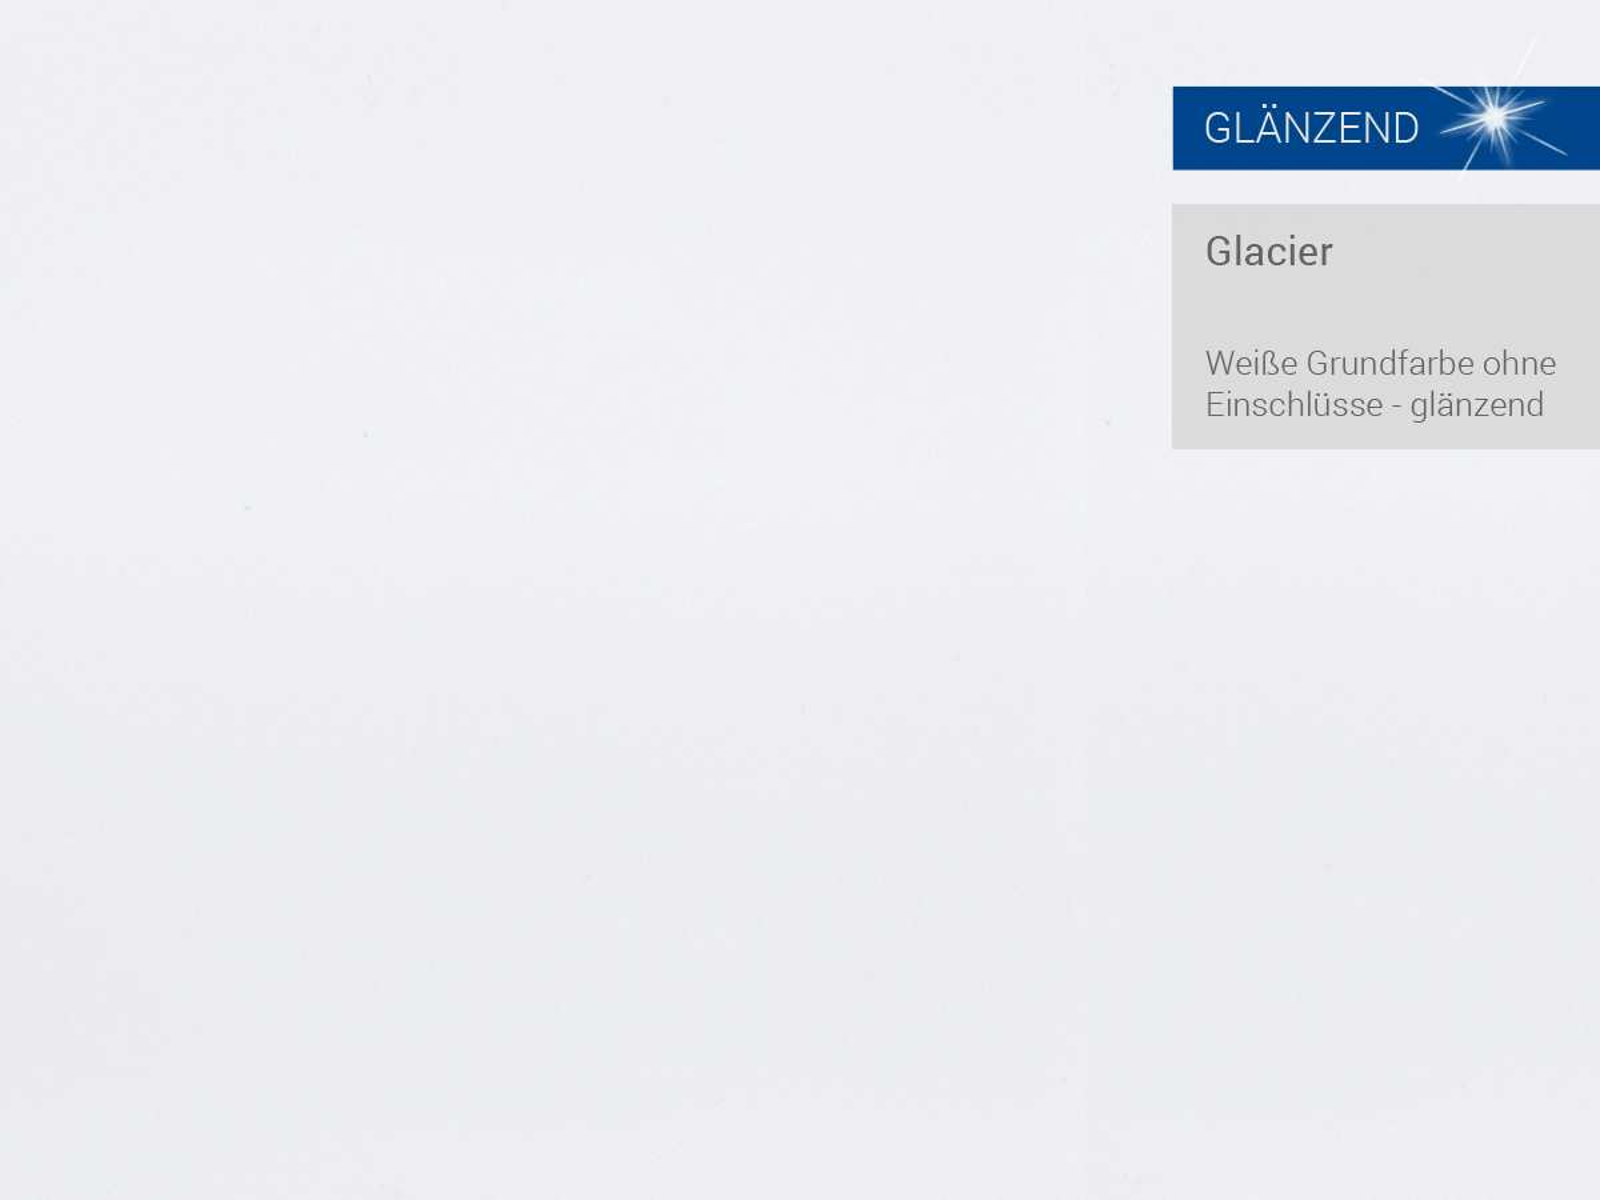 Franke Kubus KBK 160 Glacier - 126.0335.714 Keramikspüle